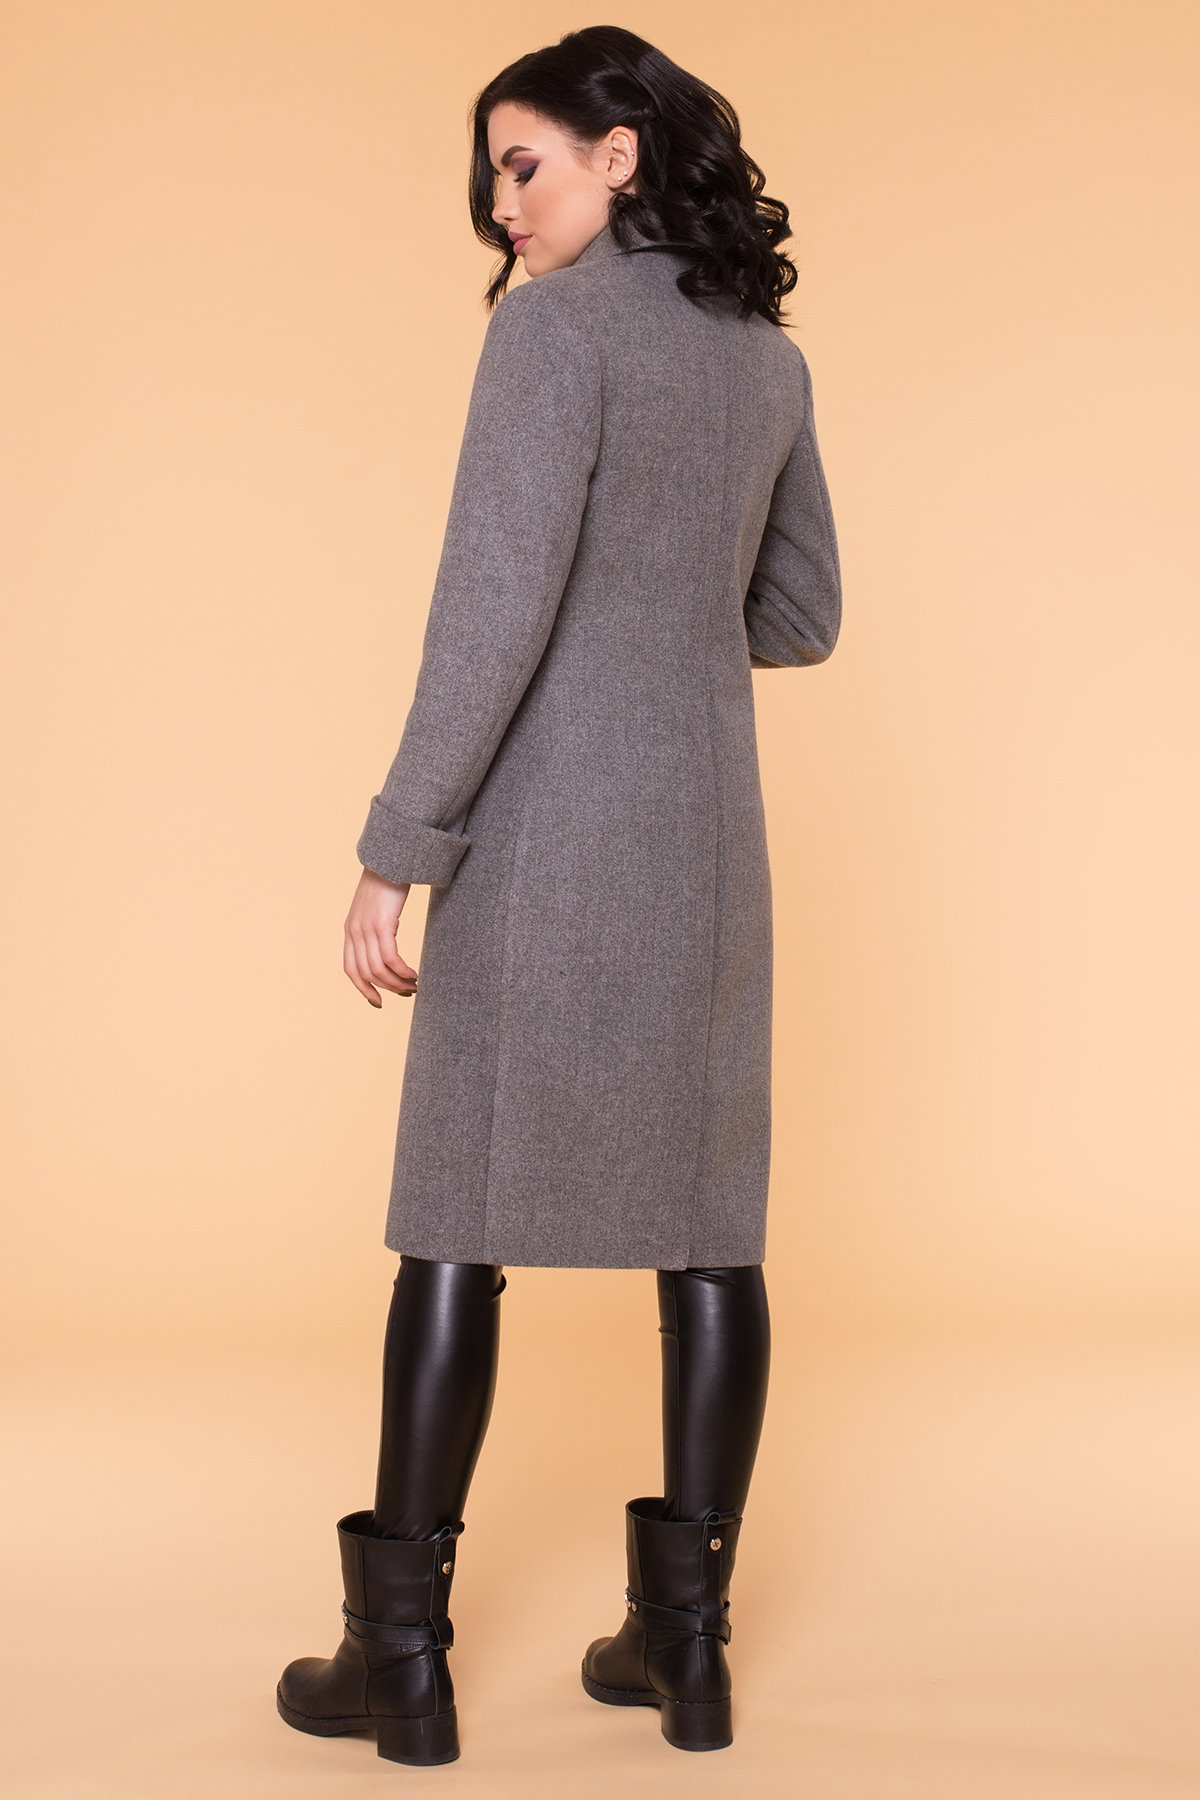 Пальто Лесли 6262 АРТ. 41034 Цвет: Серый 18 - фото 3, интернет магазин tm-modus.ru